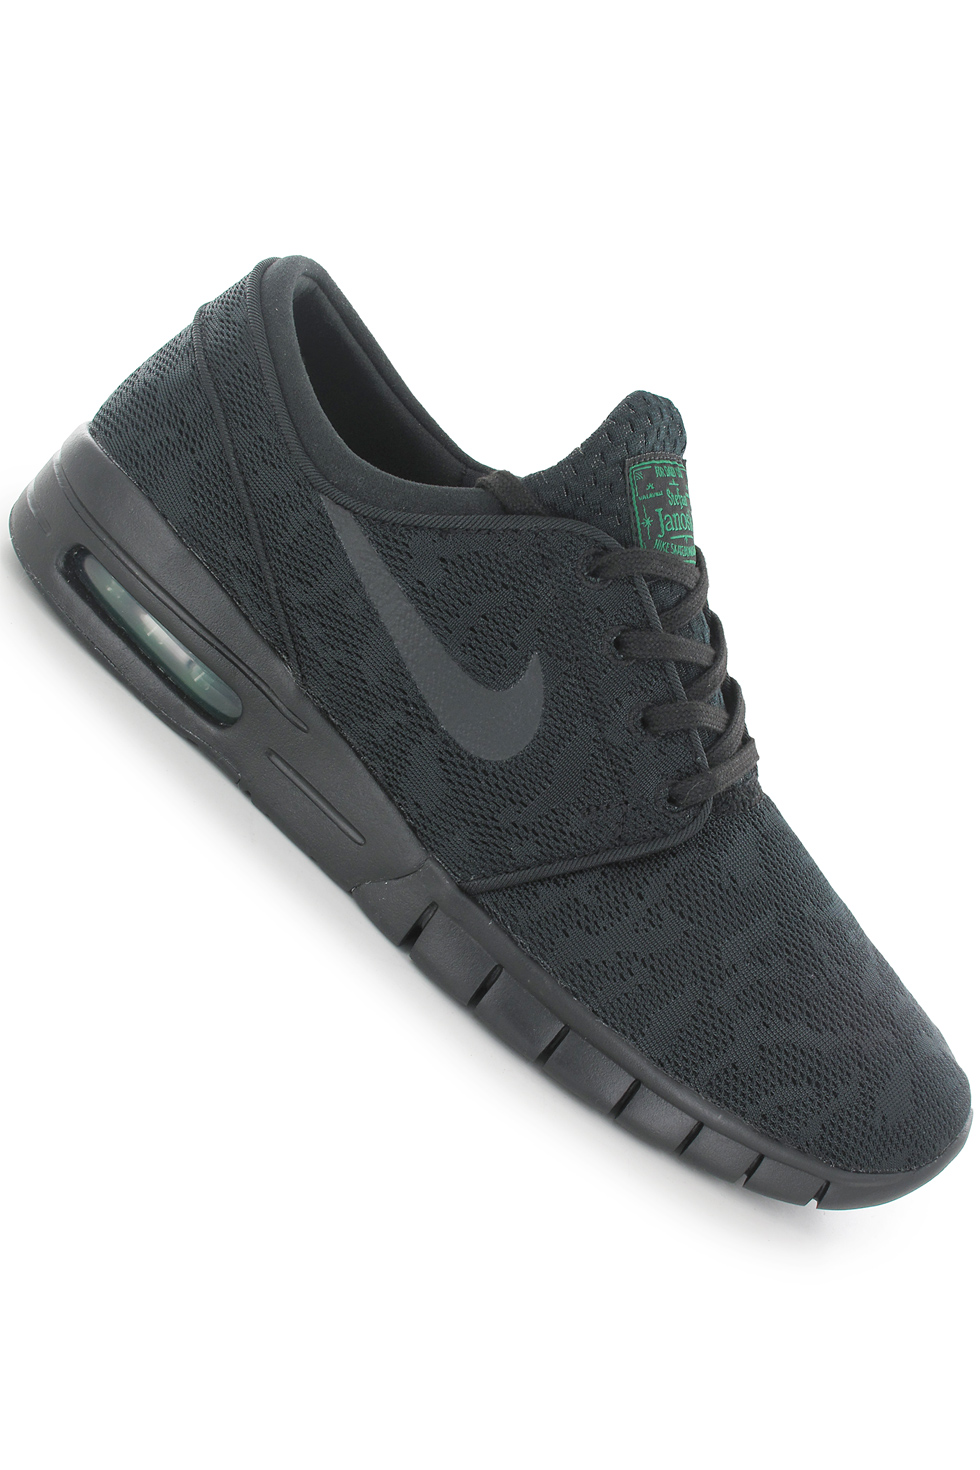 Nike Sb Schuhe Stefan Janoski